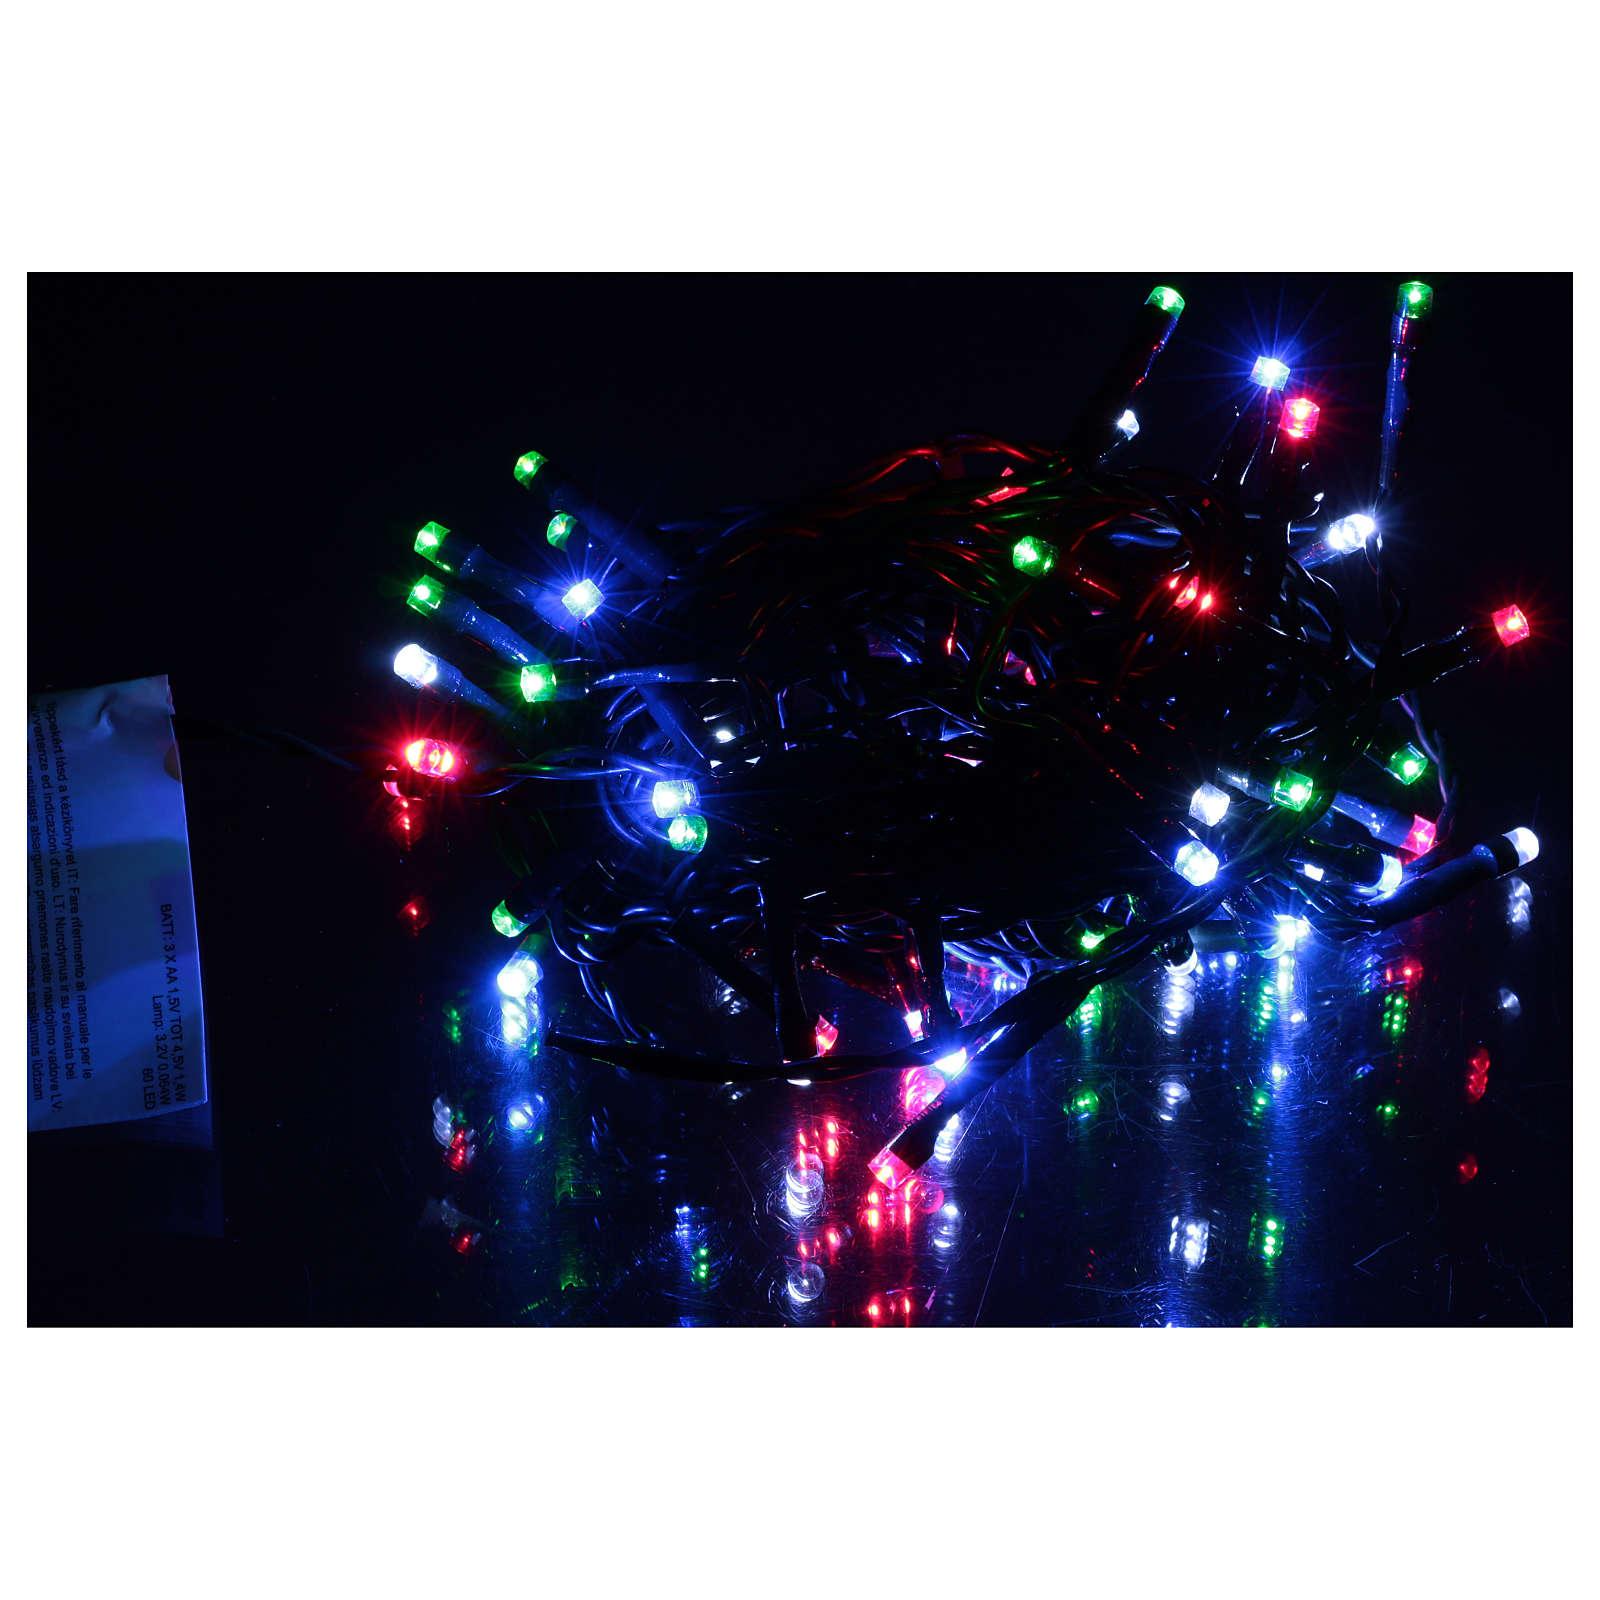 Luz de Navidad cadena verde 60 led multicolores exterior batería 6 m 3